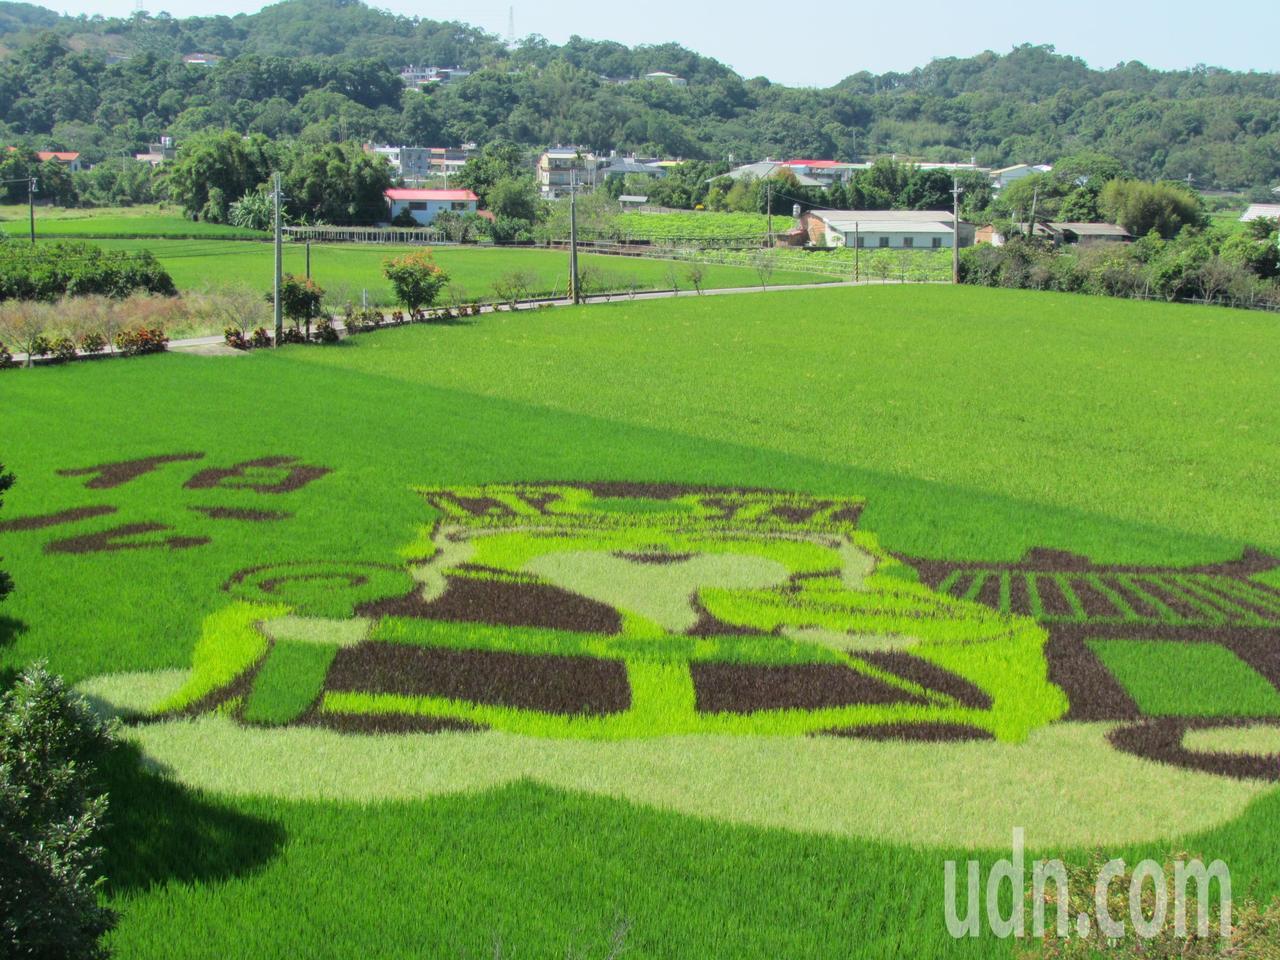 苗栗縣南庄農夫市集今天開幕,一旁「客家土地公」為題的稻田彩繪,新亮點讓遊客驚艷。...